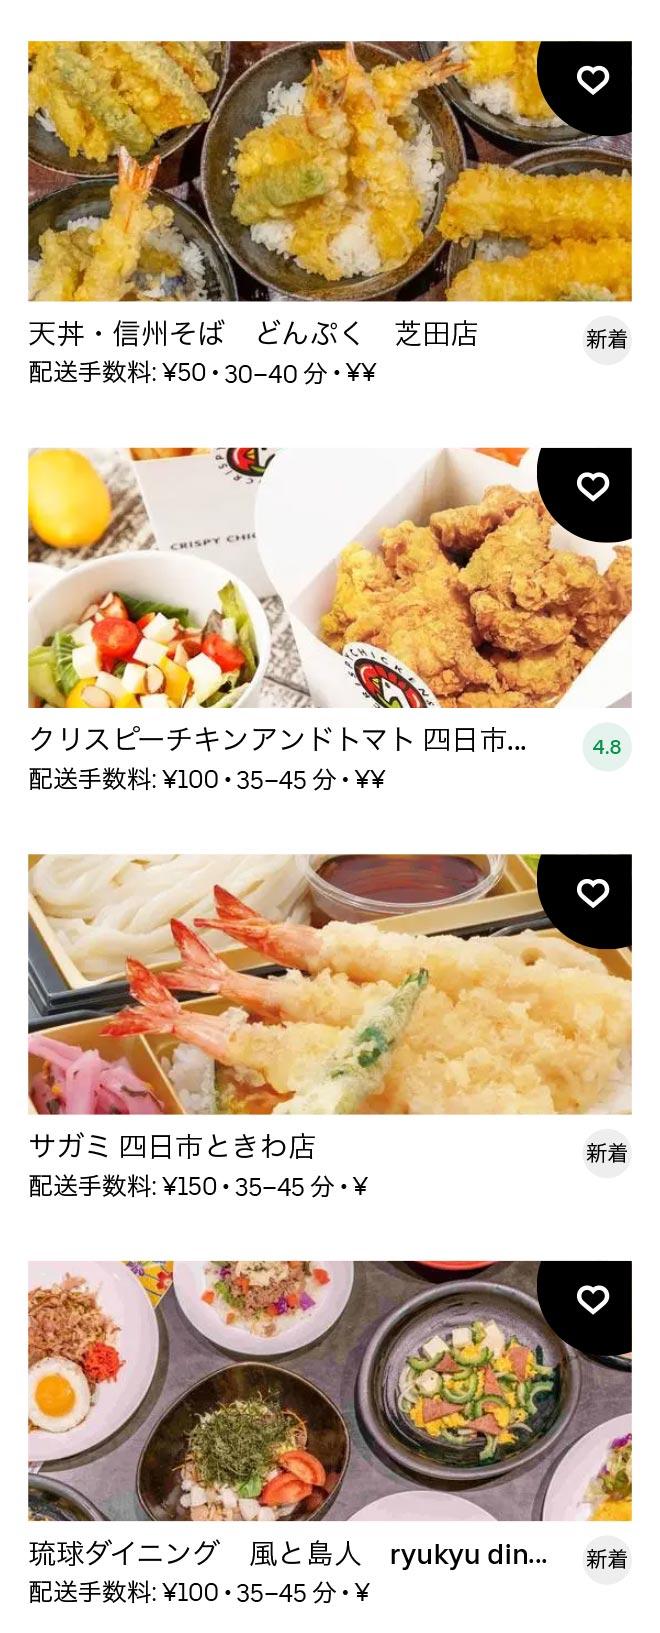 Yokkaichi menu 2012 06